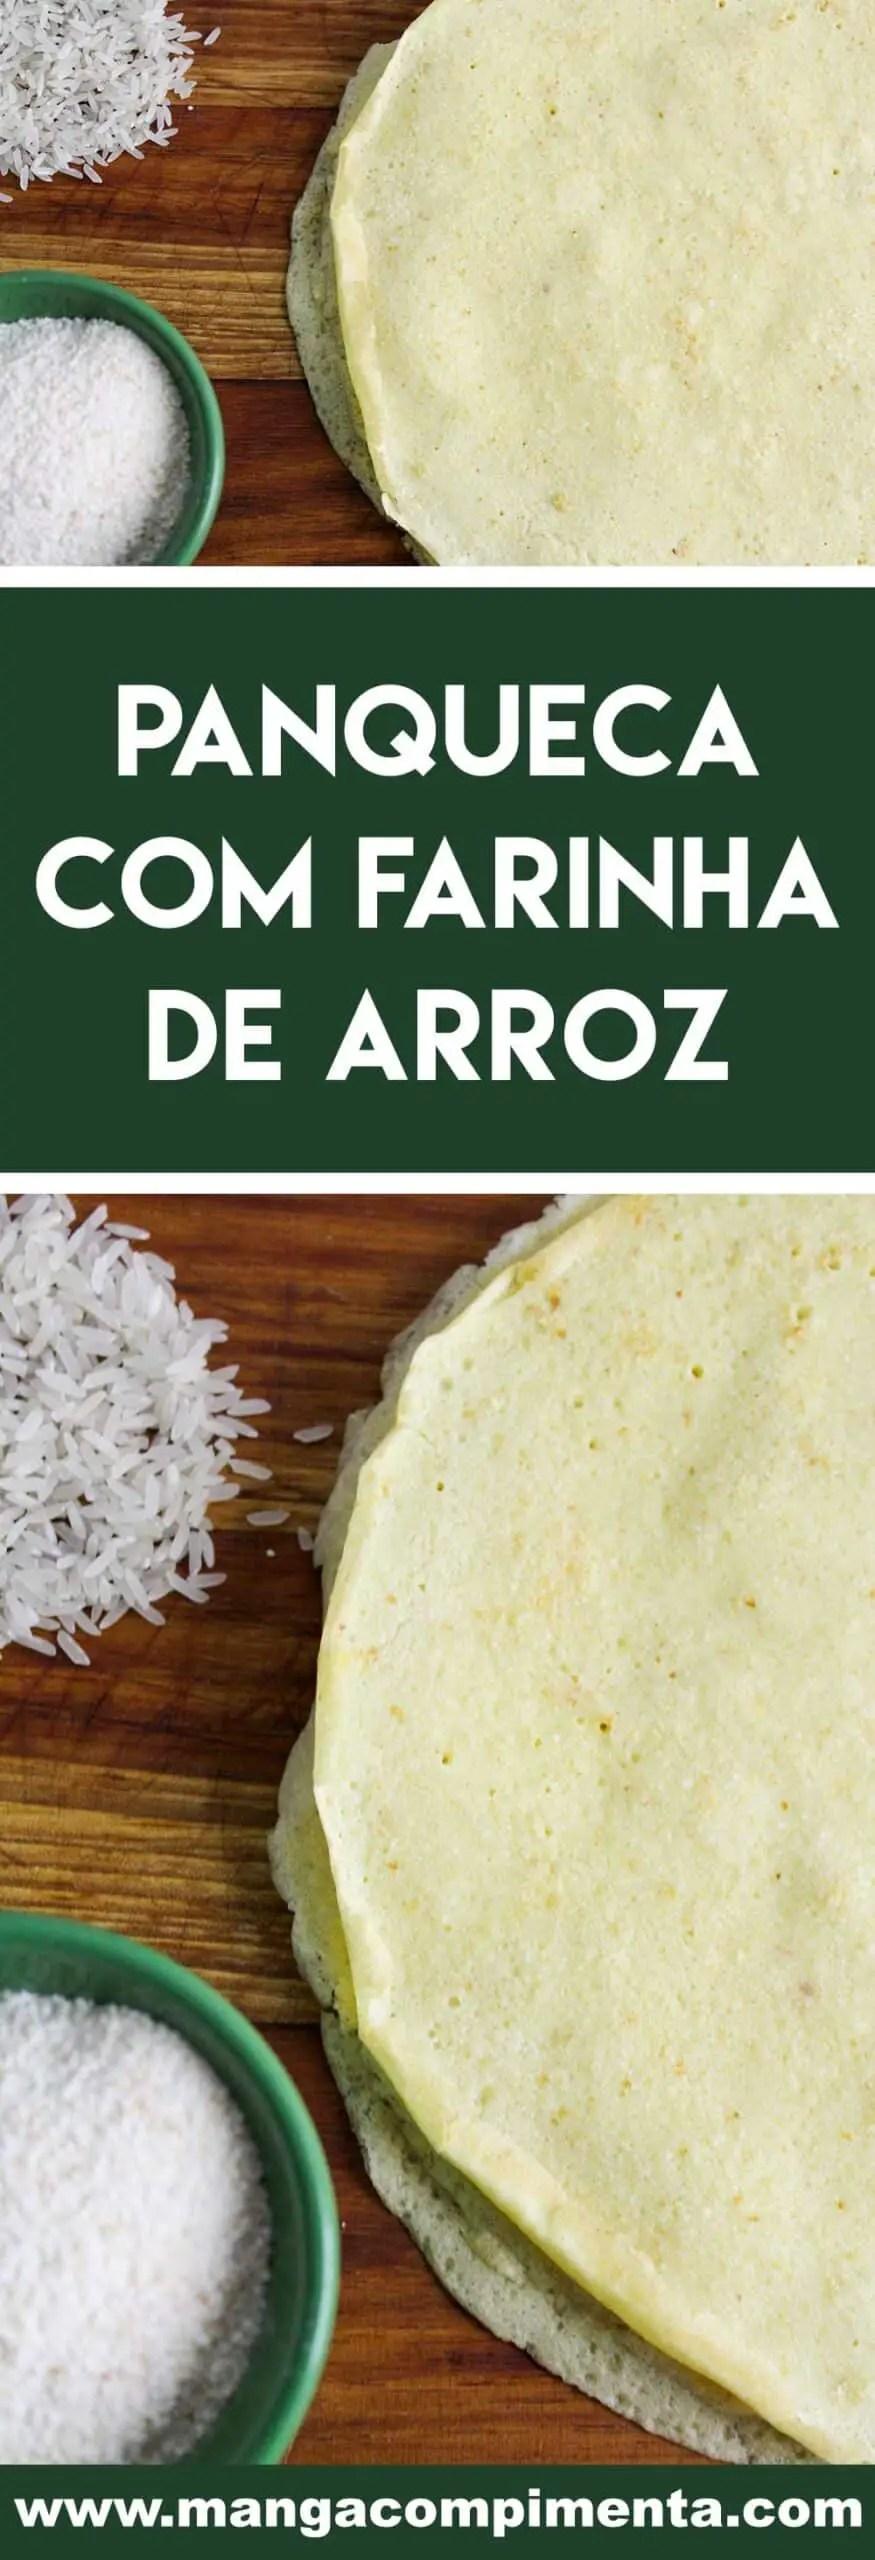 Receita de Panqueca com Farinha de Arroz - Sem Farinha de Trigo (Glúten) e Leite (Lactose) - prepare uma refeição gostosa ainda hoje!